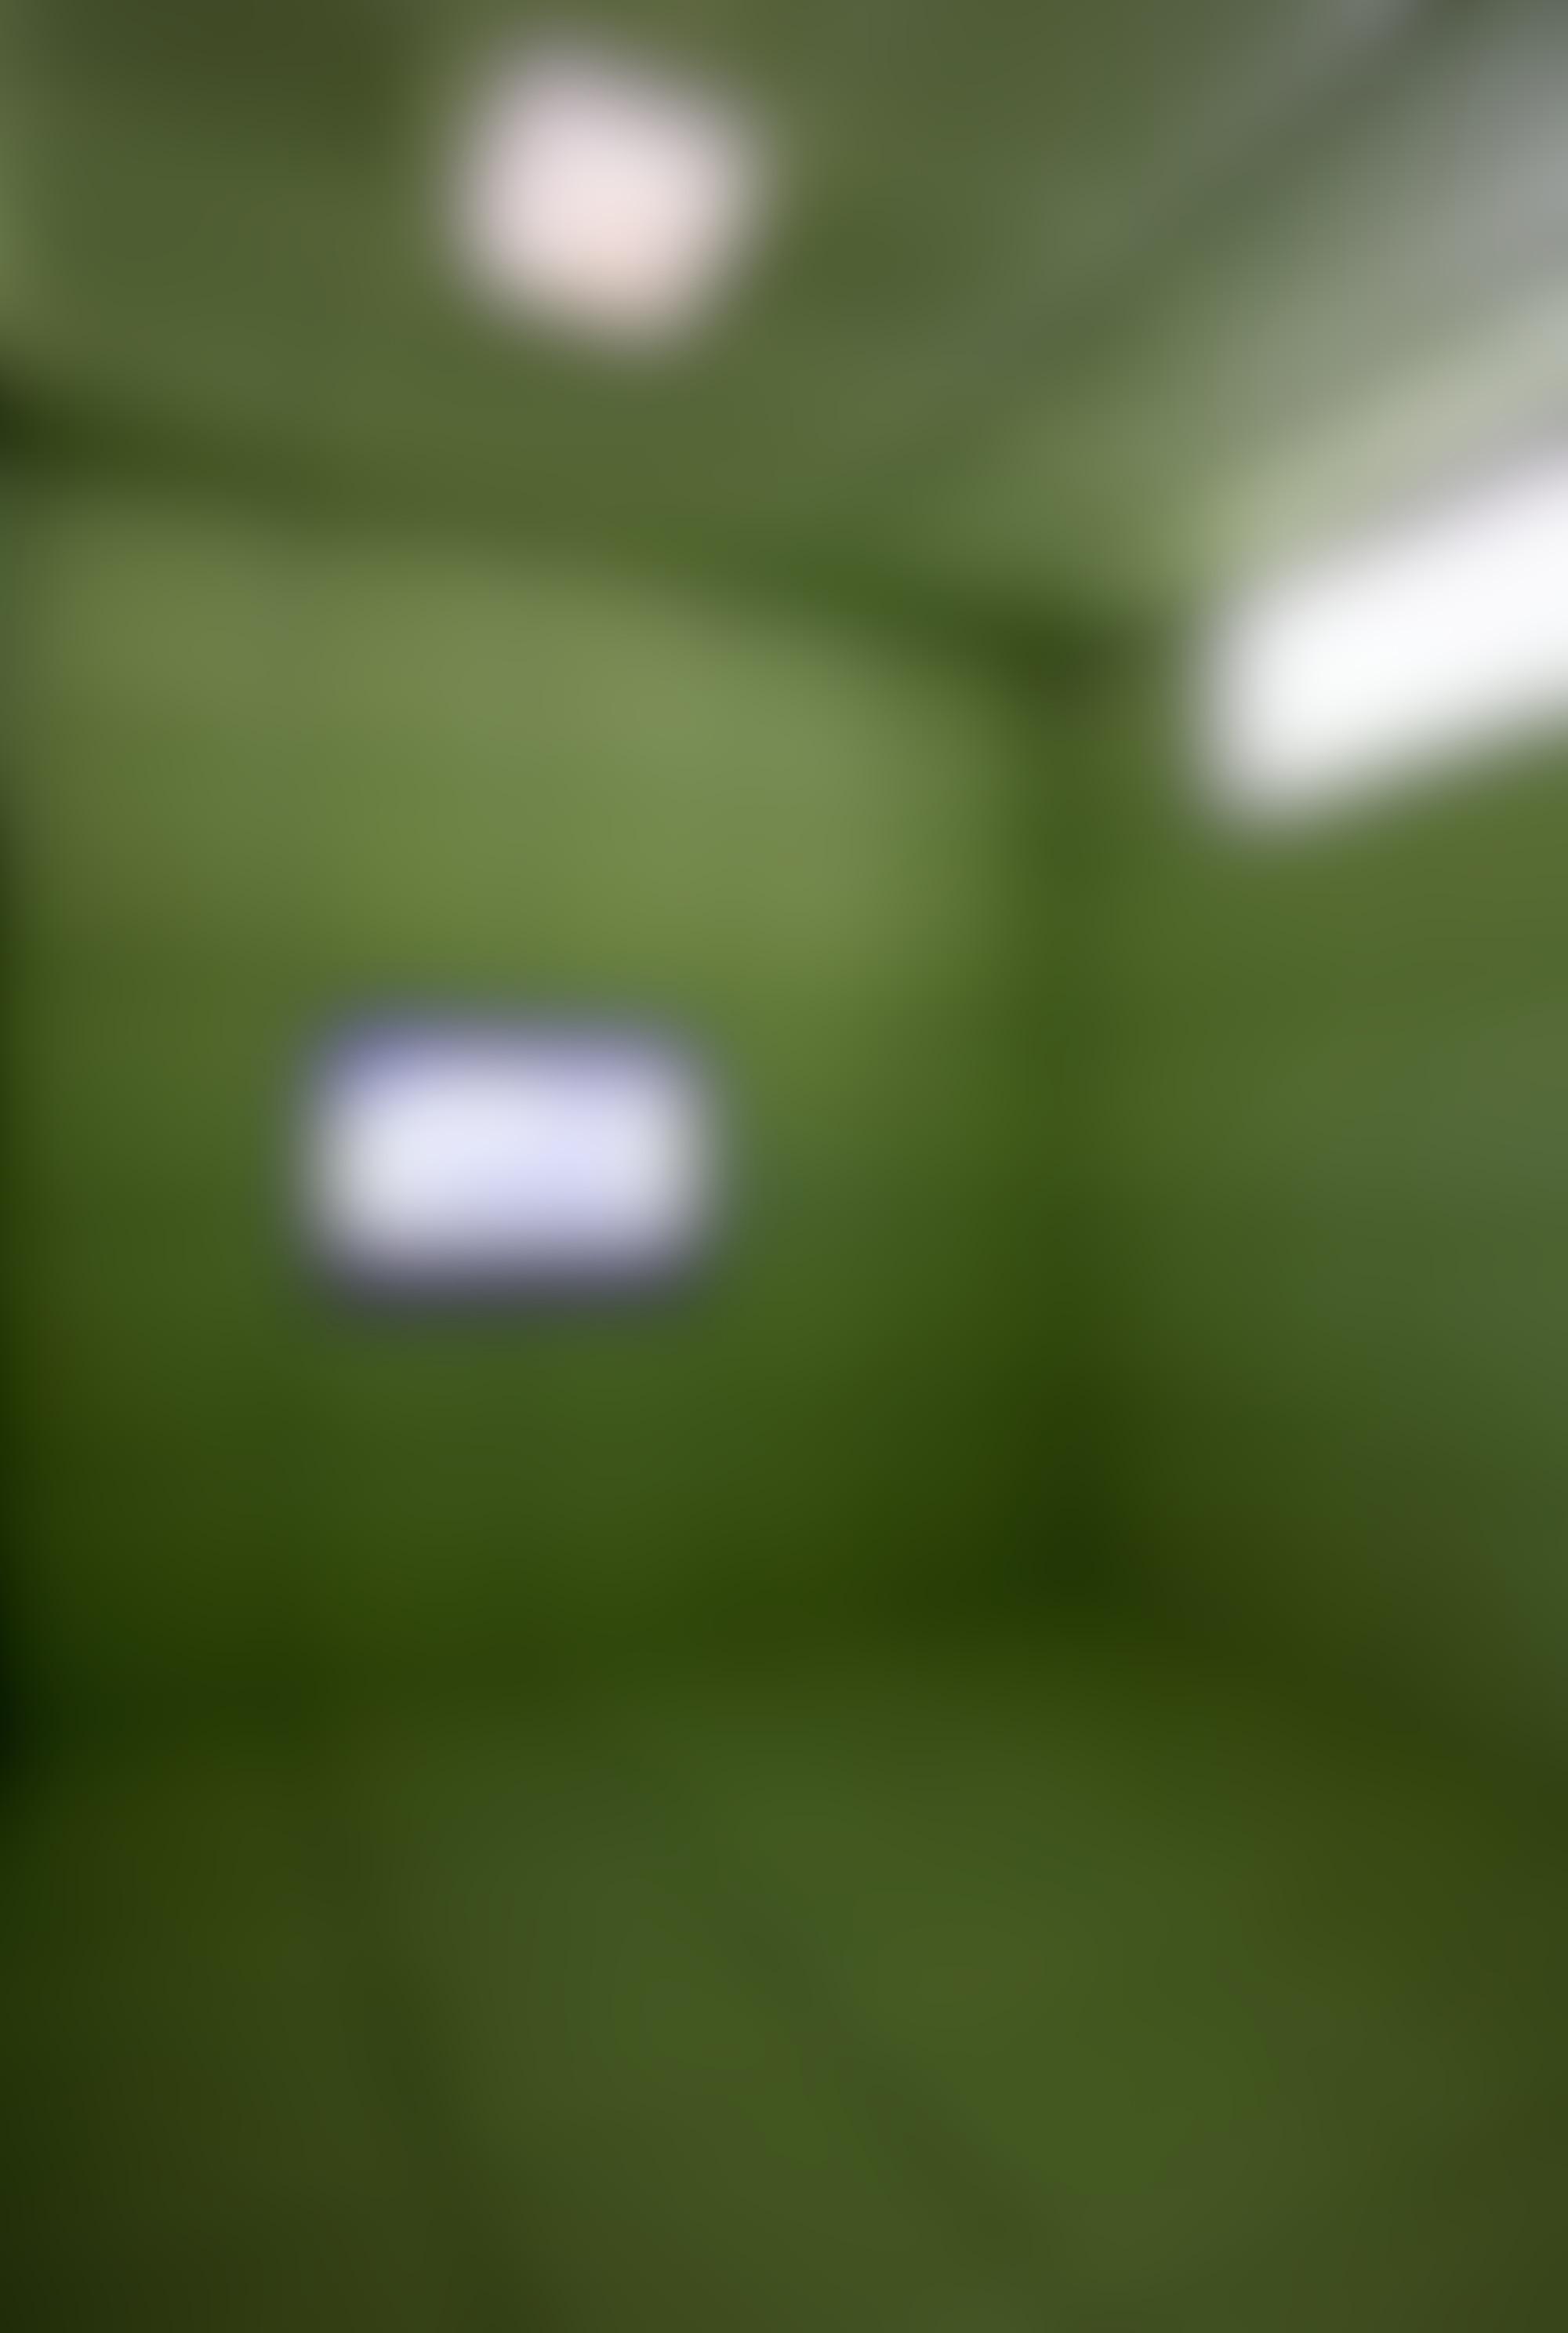 Gg MG 1479 autocompressfitresizeixlibphp 1 1 0max h2000max w3 D2000q80s455efd6e97e0629833b5540fc544e560